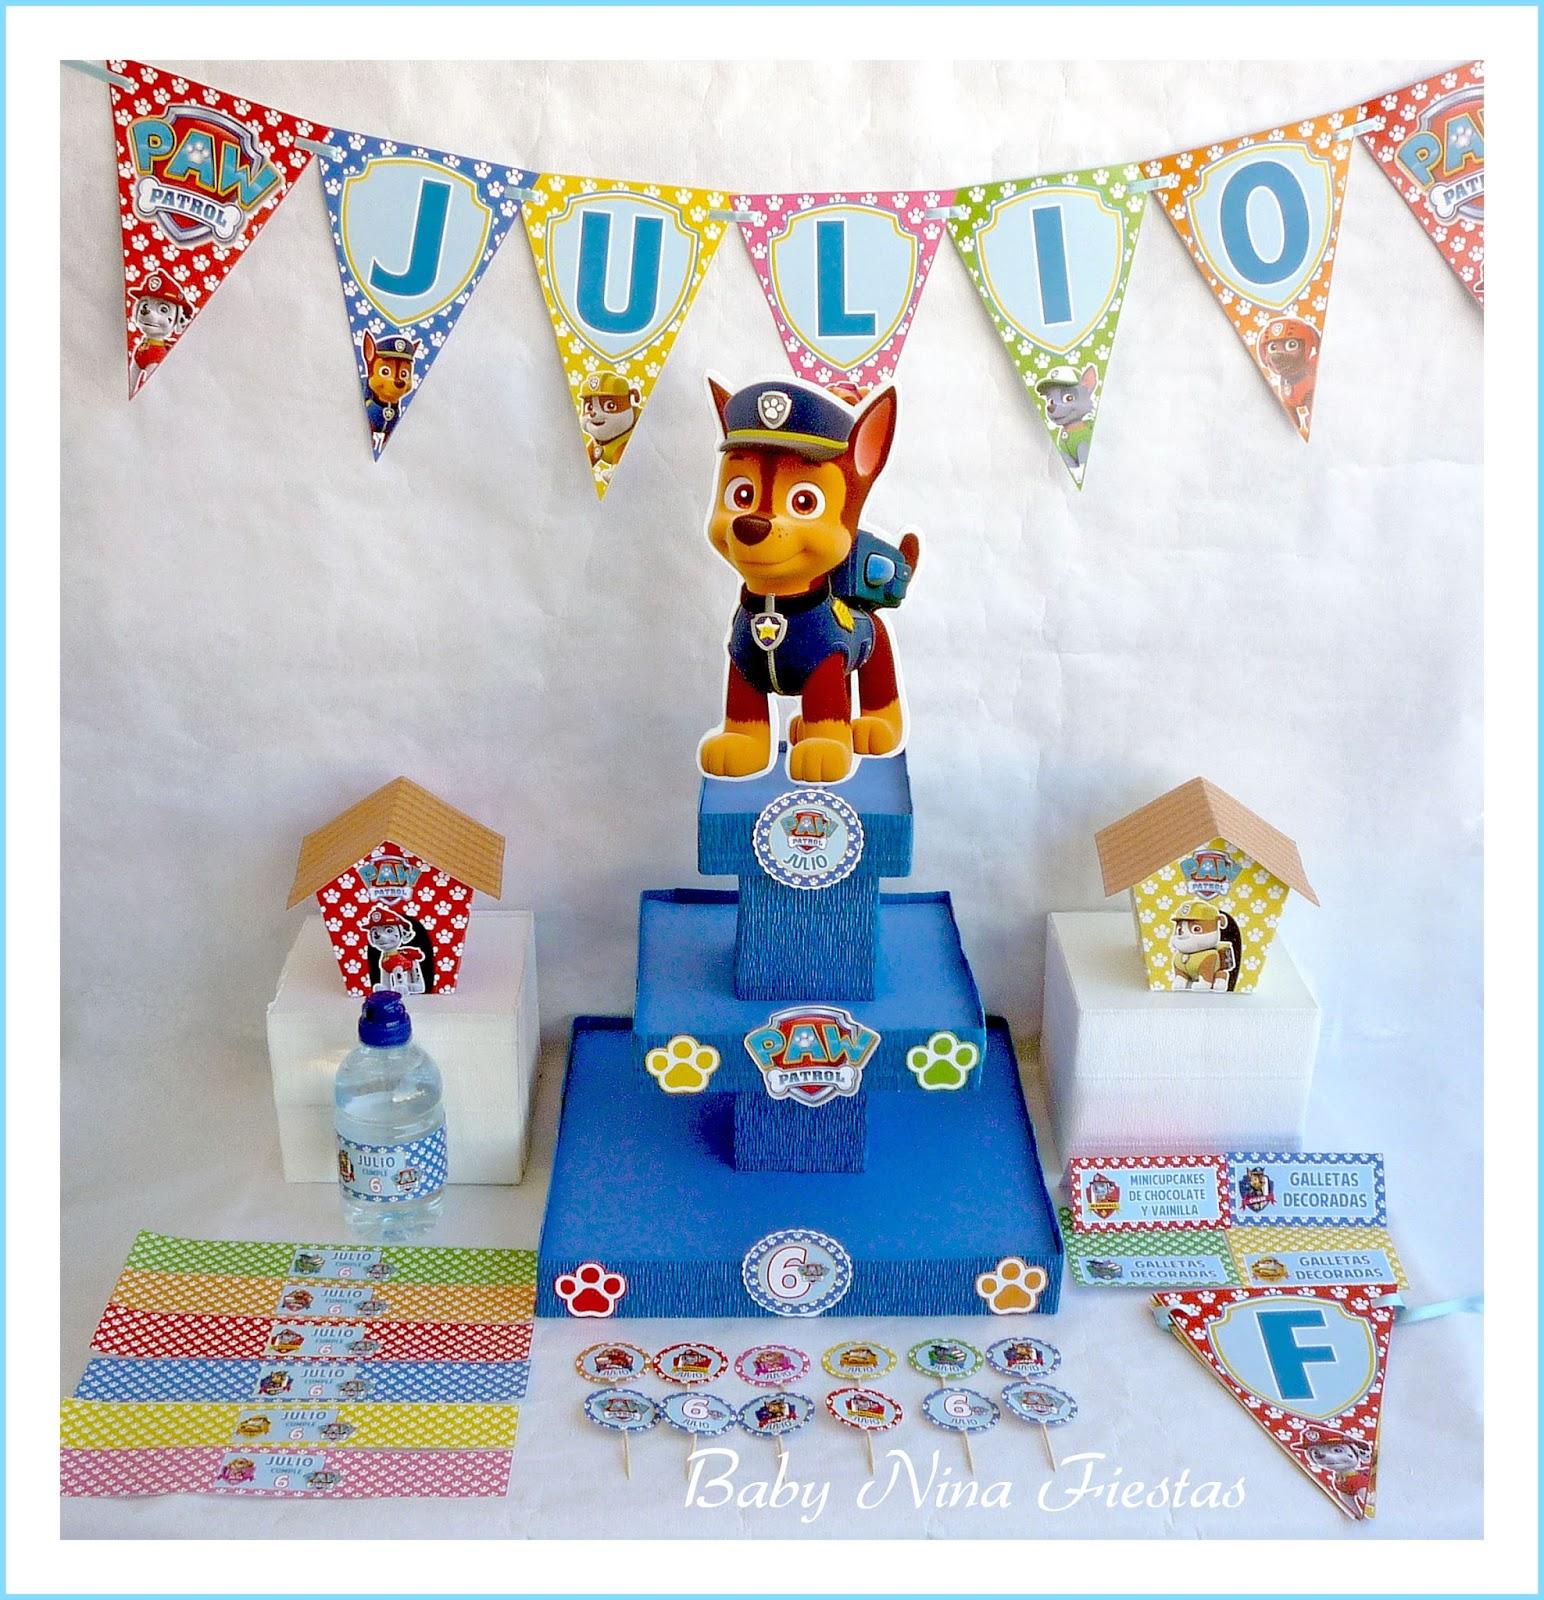 Baby nina fiestas mesa dulce patrulla canina para julio - Decoracion de cumpleanos de la patrulla canina ...